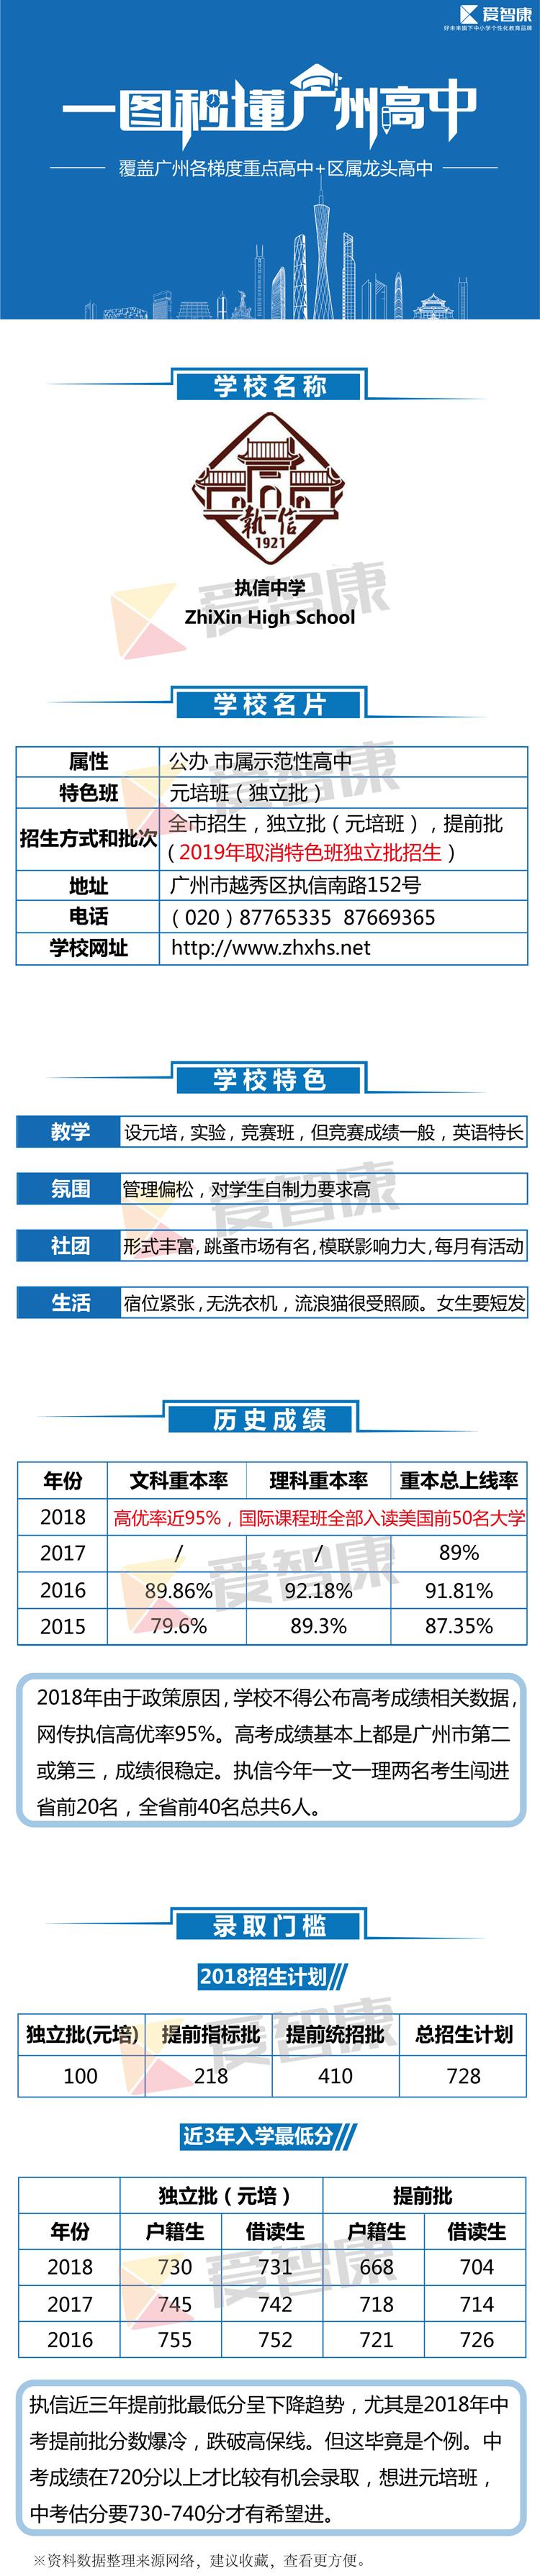 广州执信中学学习环境、历史成绩、录取分数